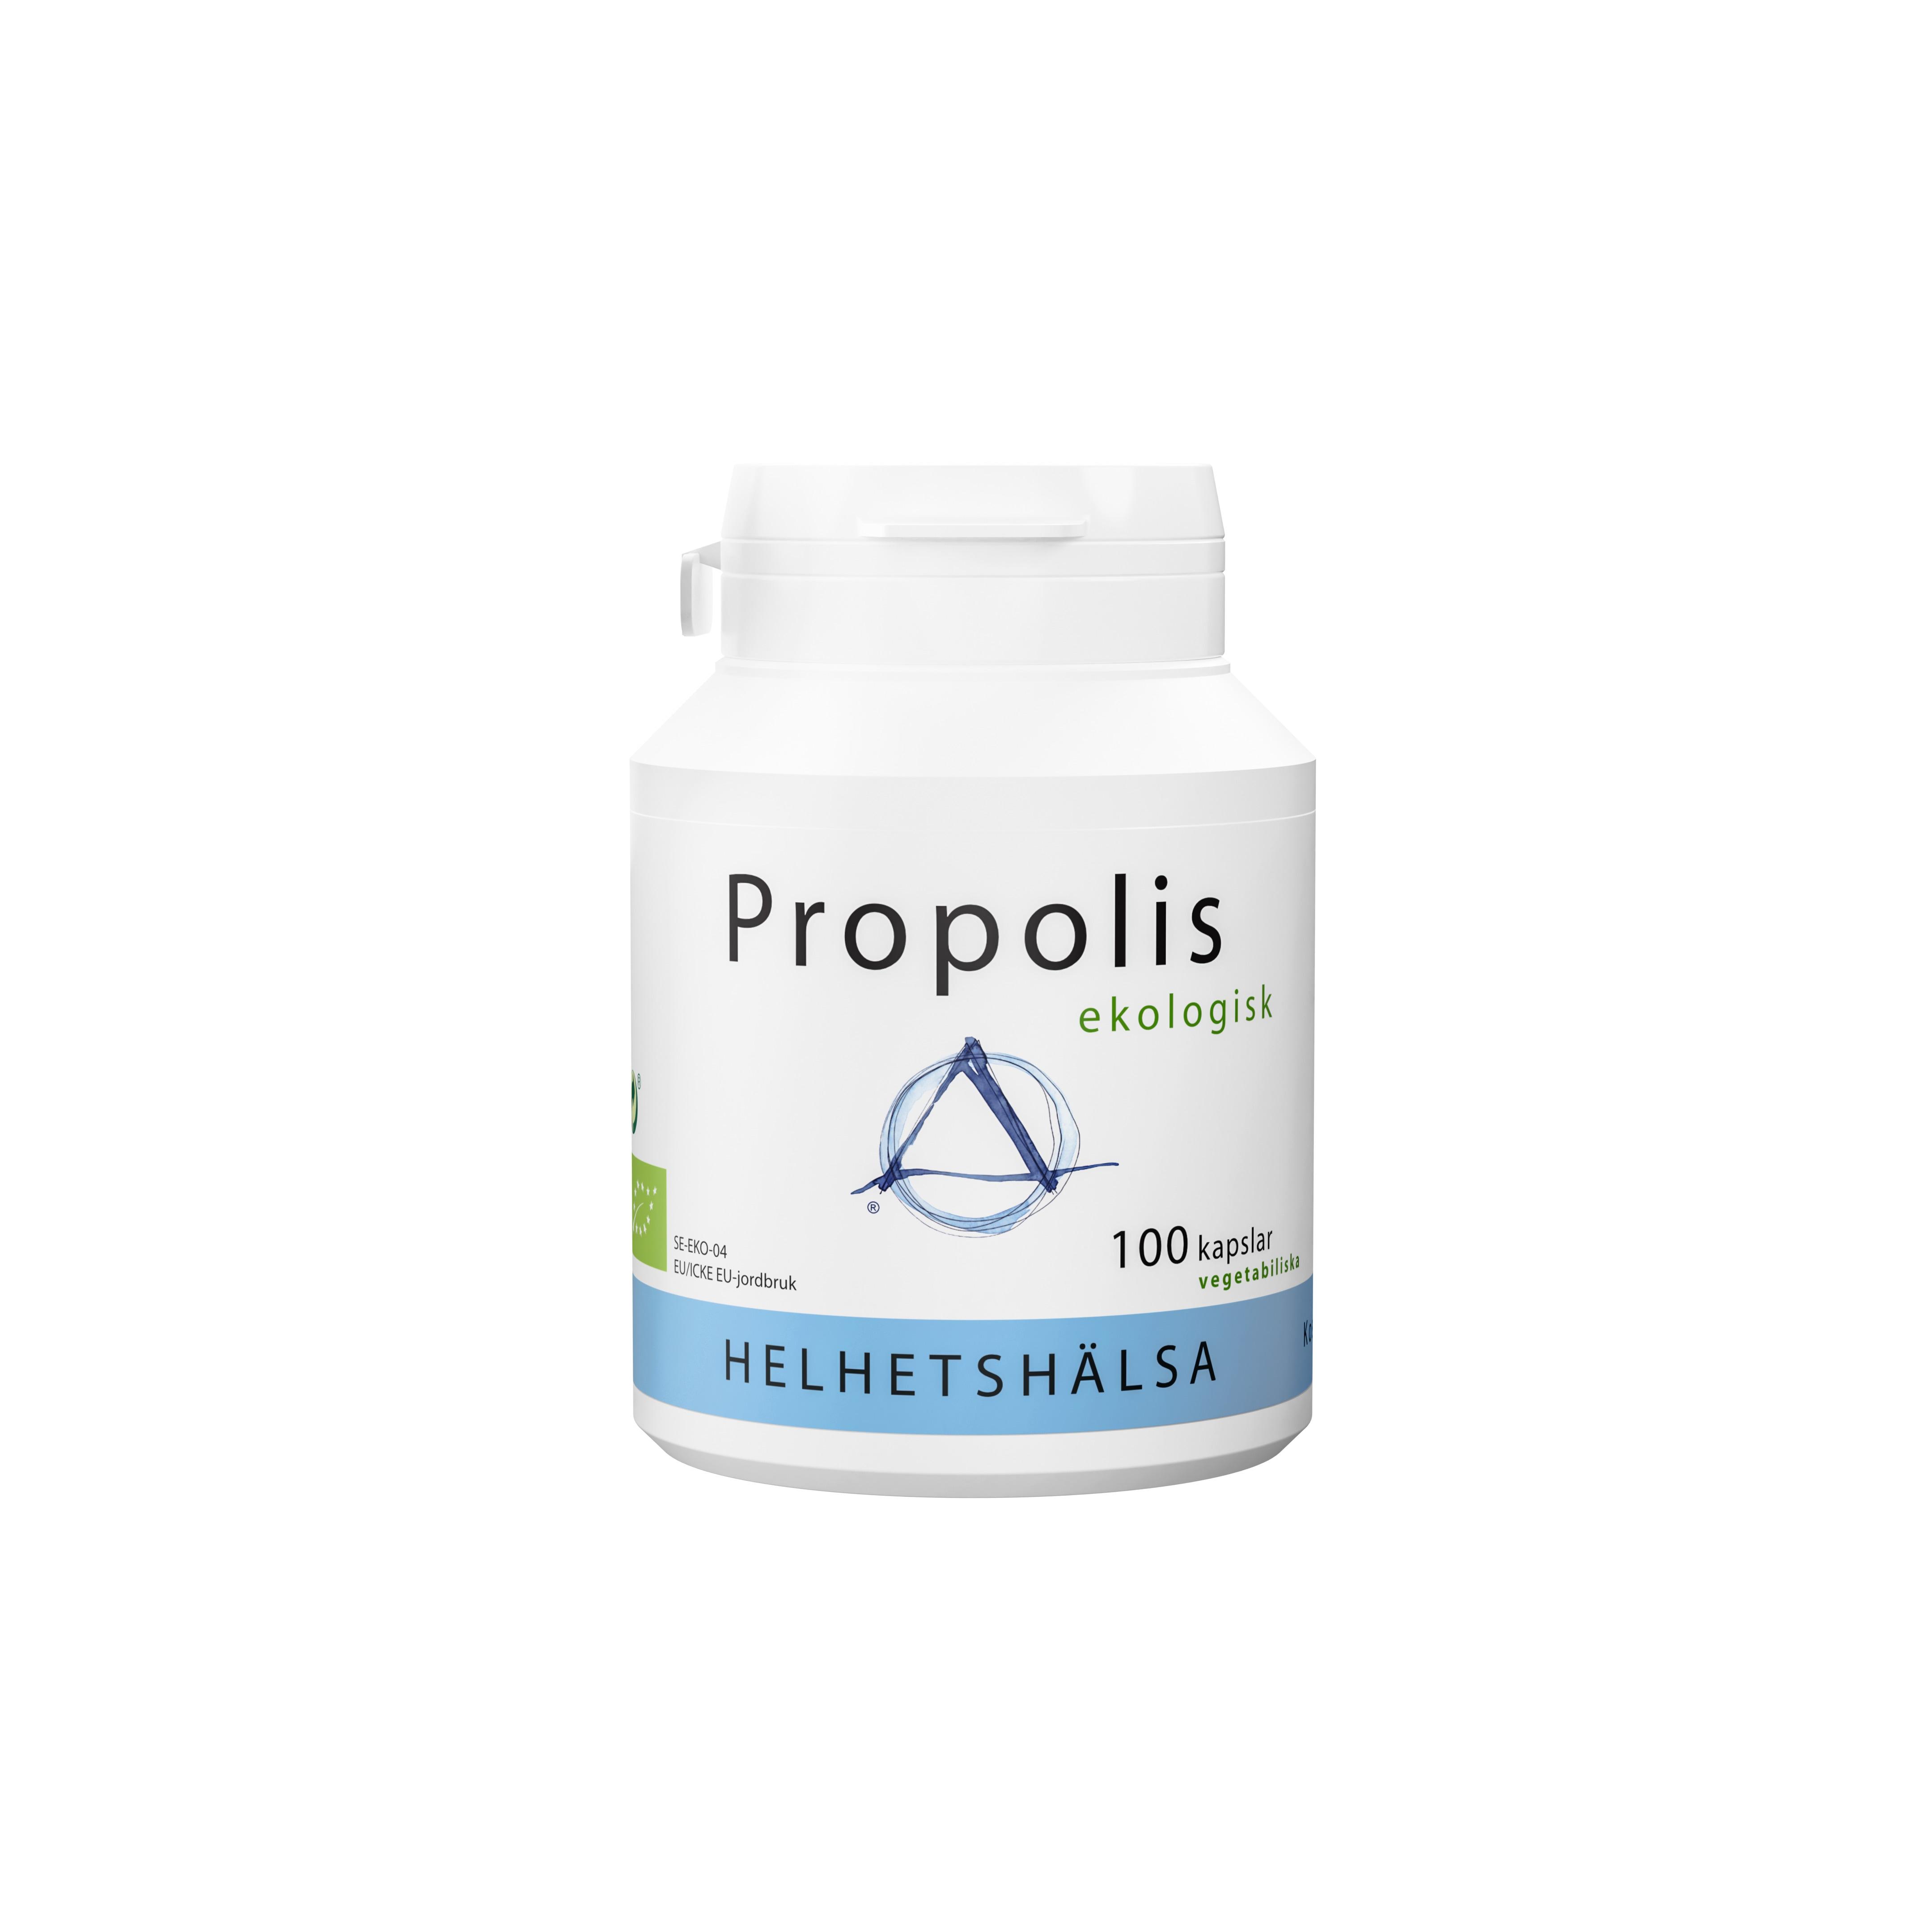 Propolis 100k